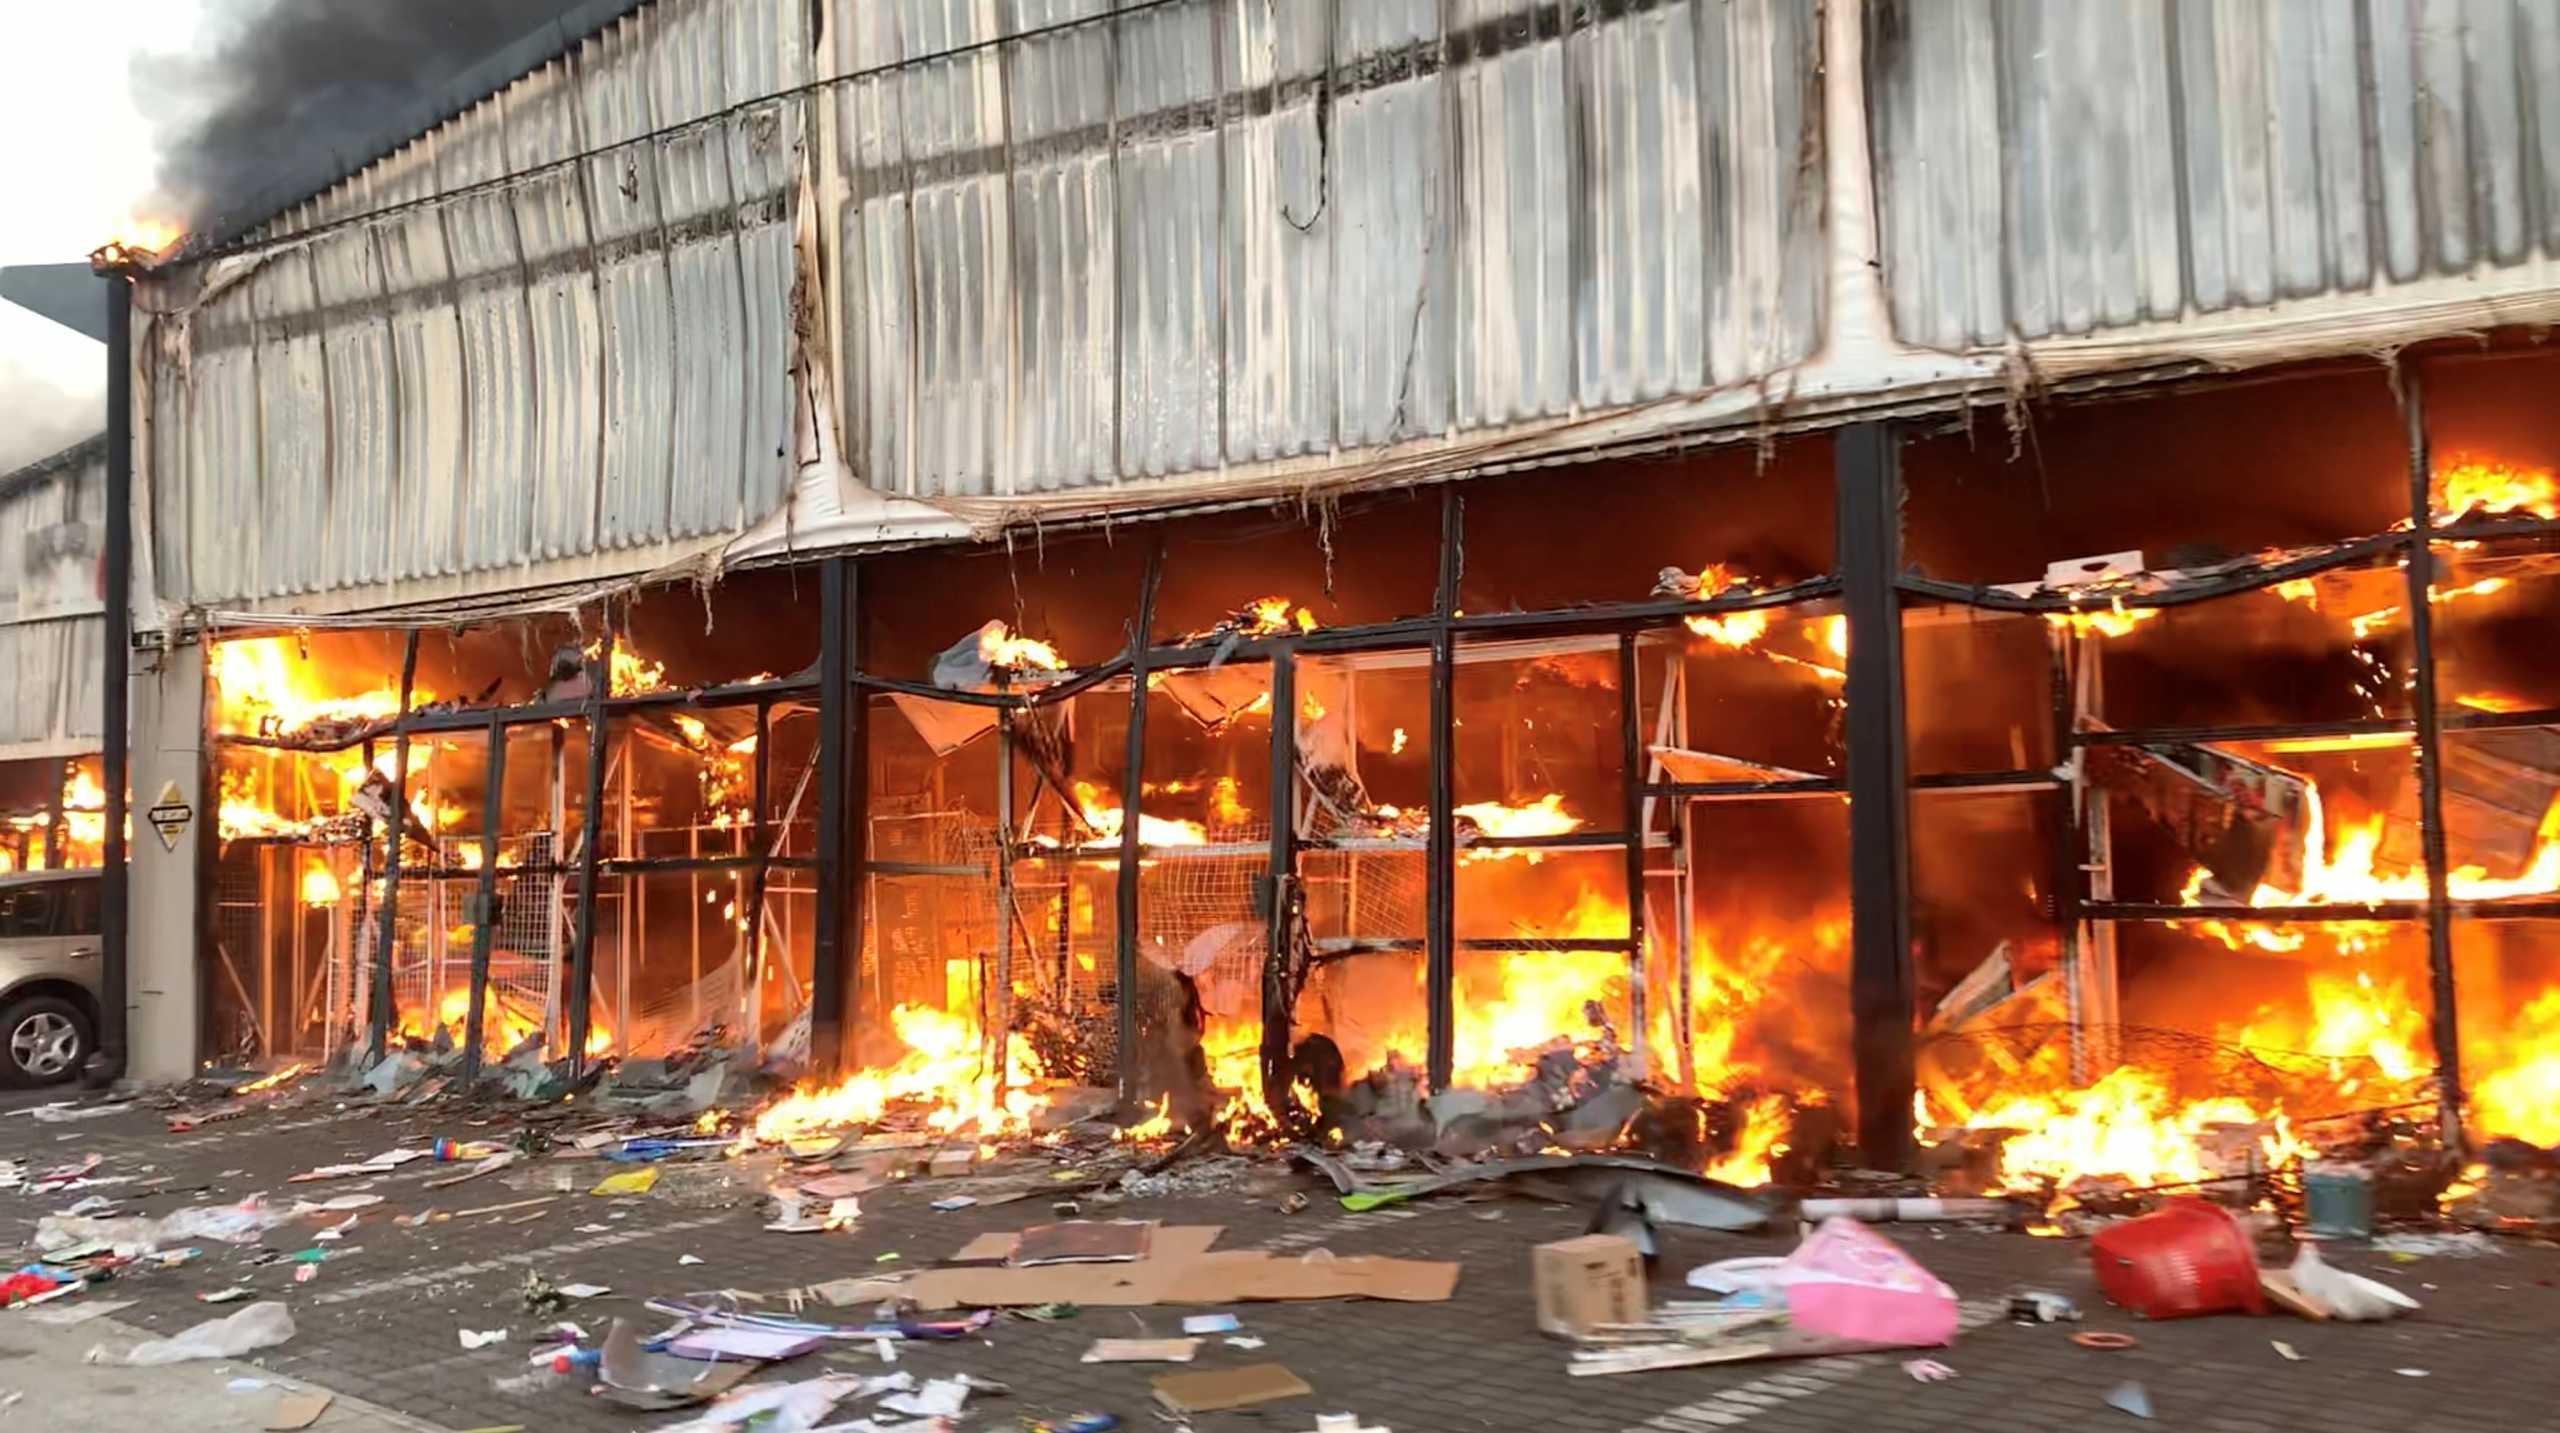 Νότια Αφρική: 72 νεκροί από τα επεισόδια μετά τη σύλληψη του πρώην προέδρου Ζούμα